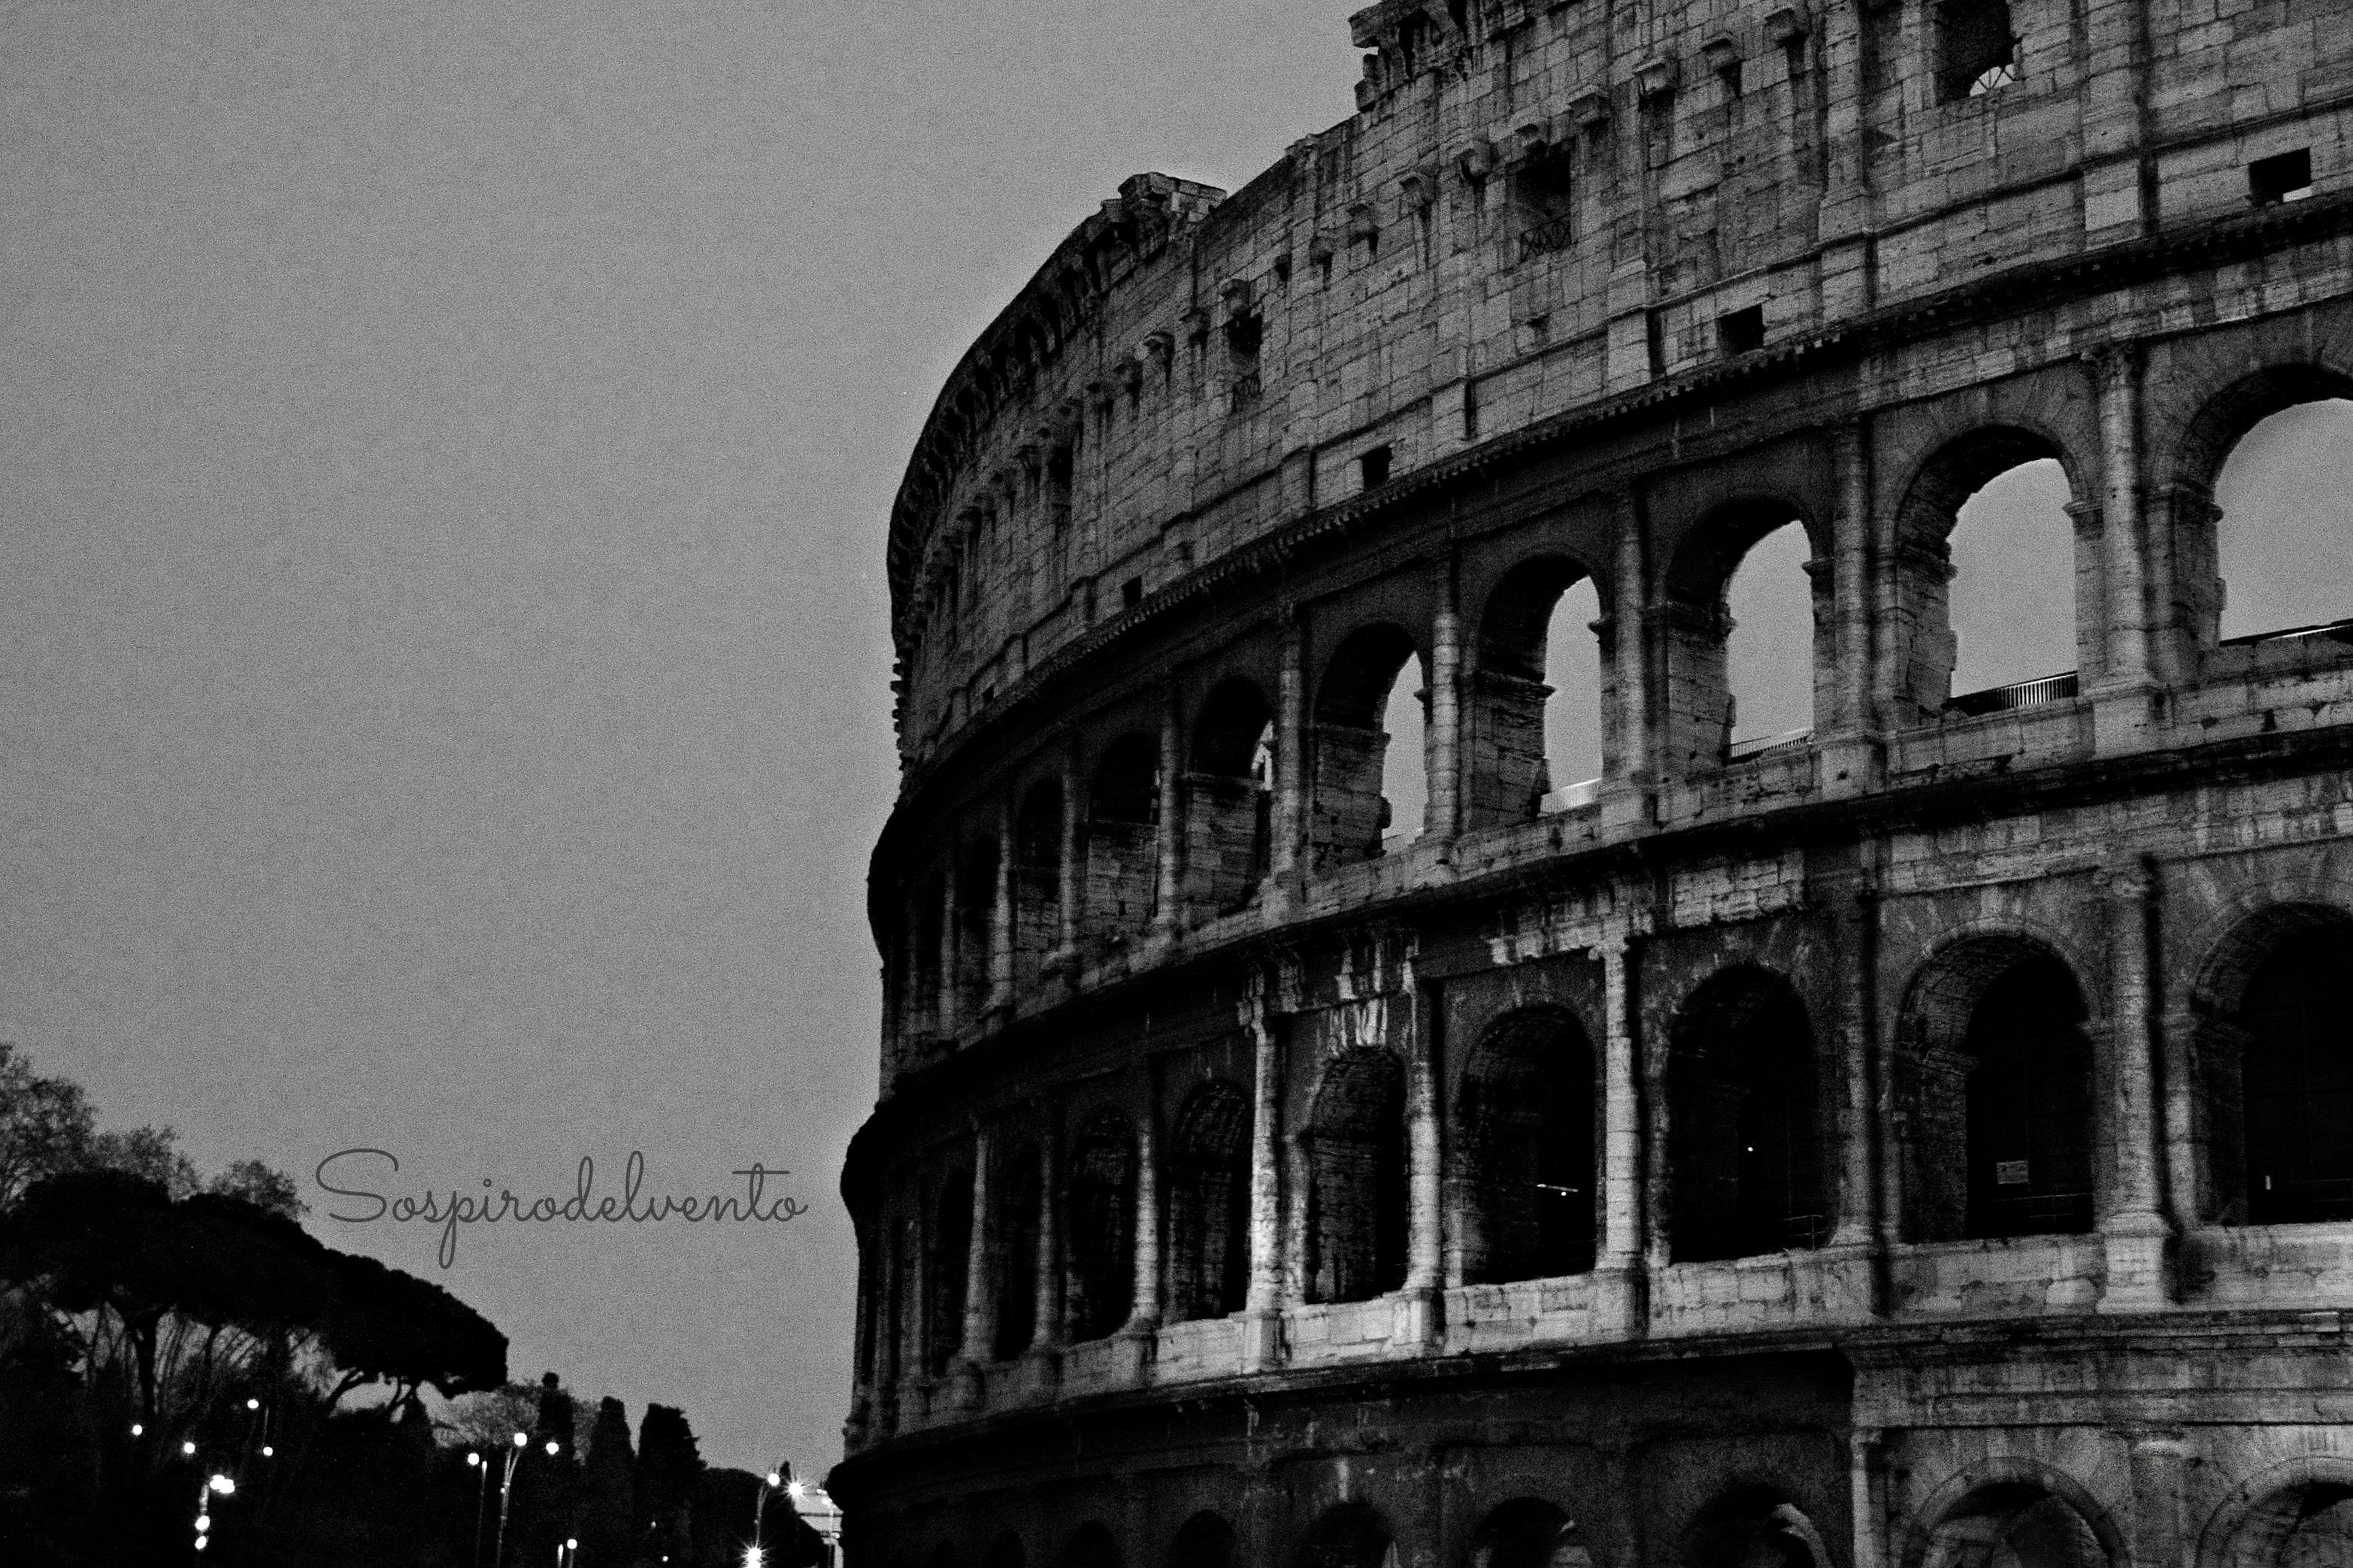 Esplorando il bianco e nero 2 for Roma in bianco e nero